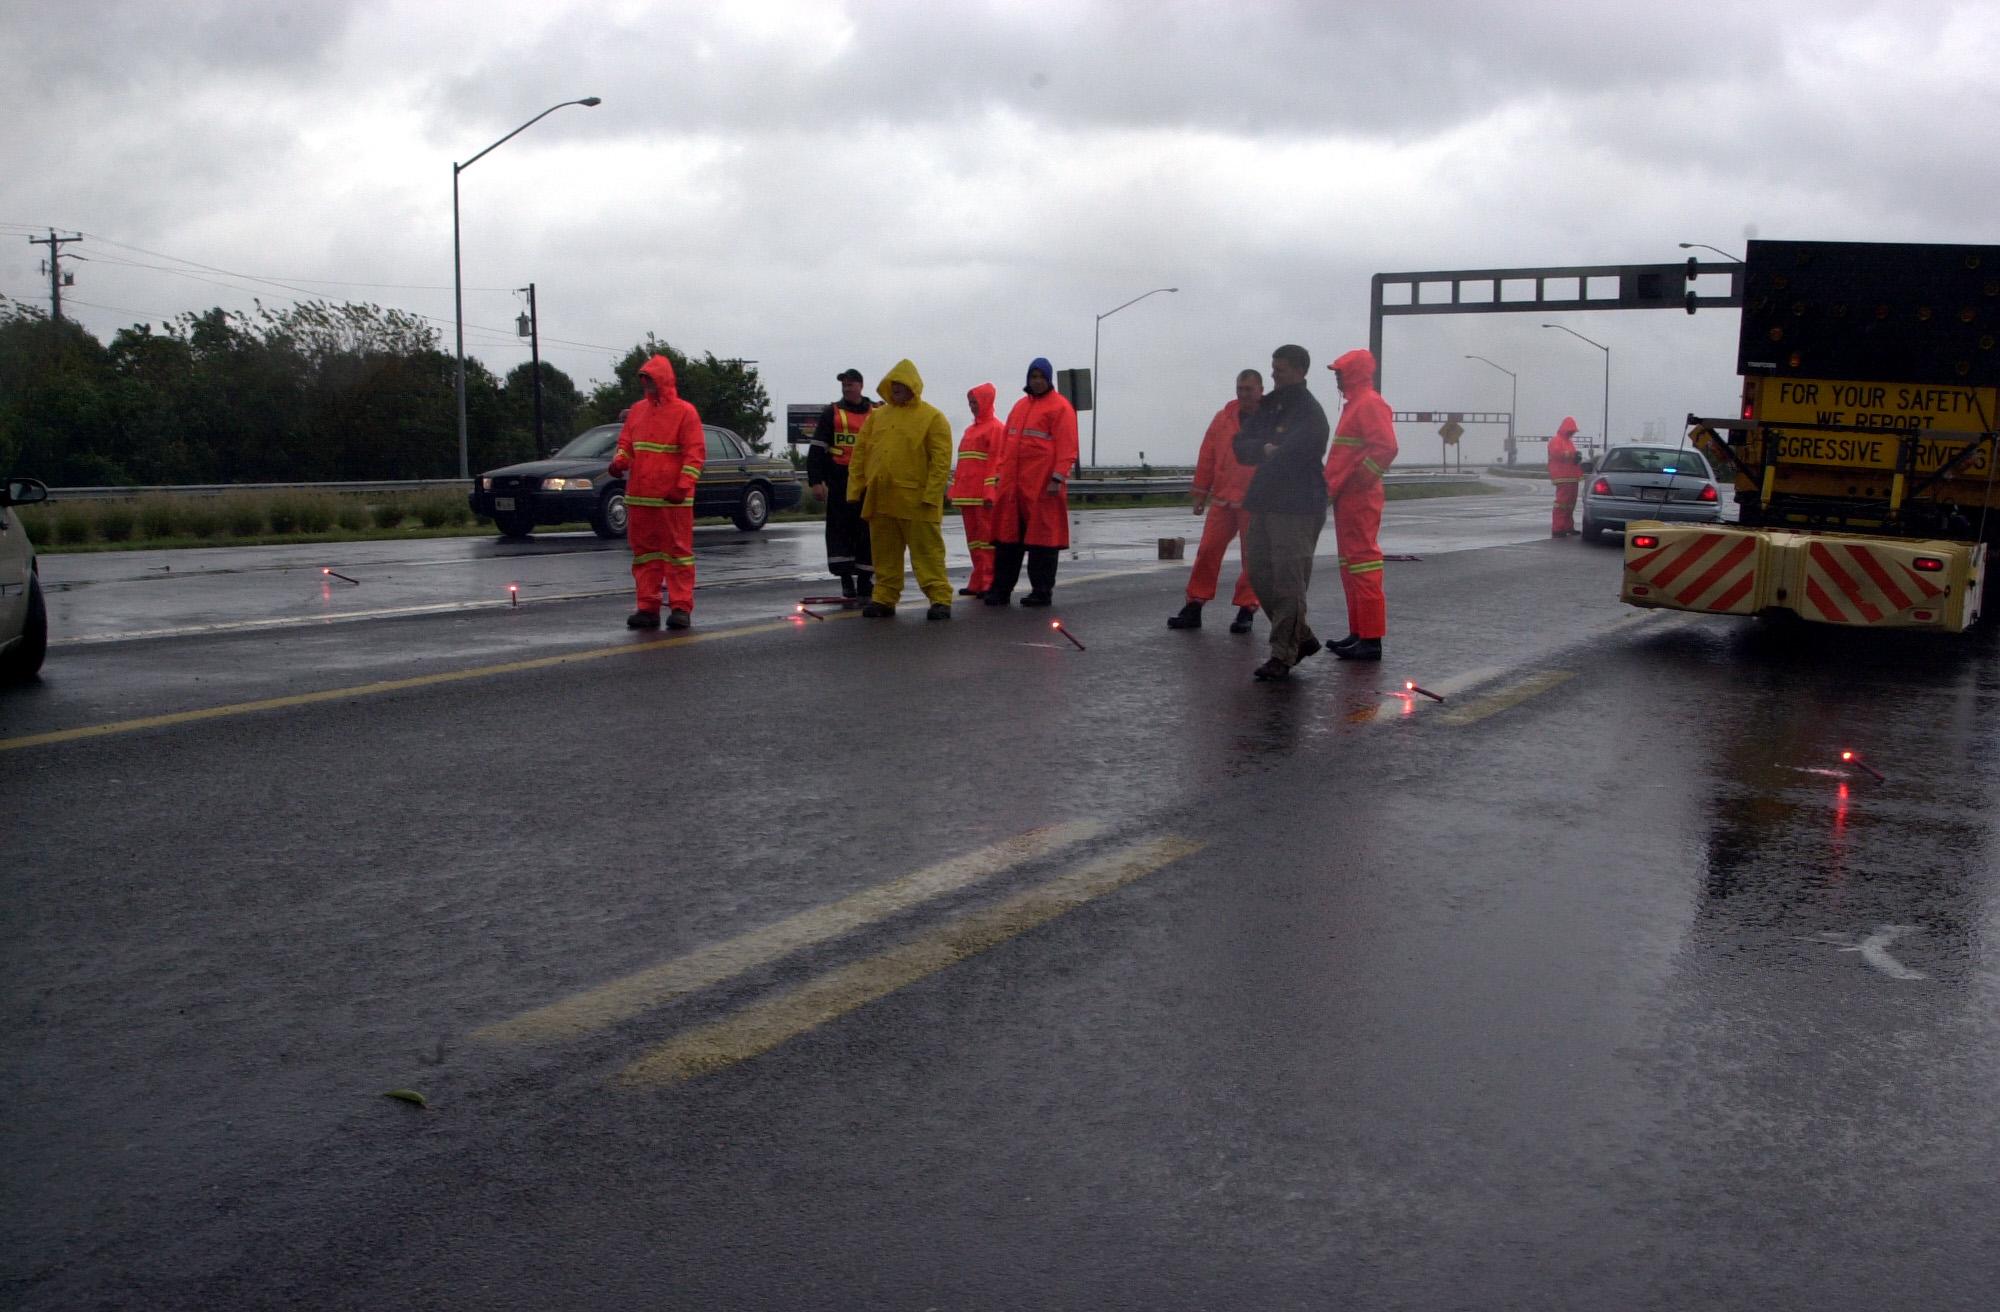 File:Police block traffic to Chesapeake Bay Bridge during